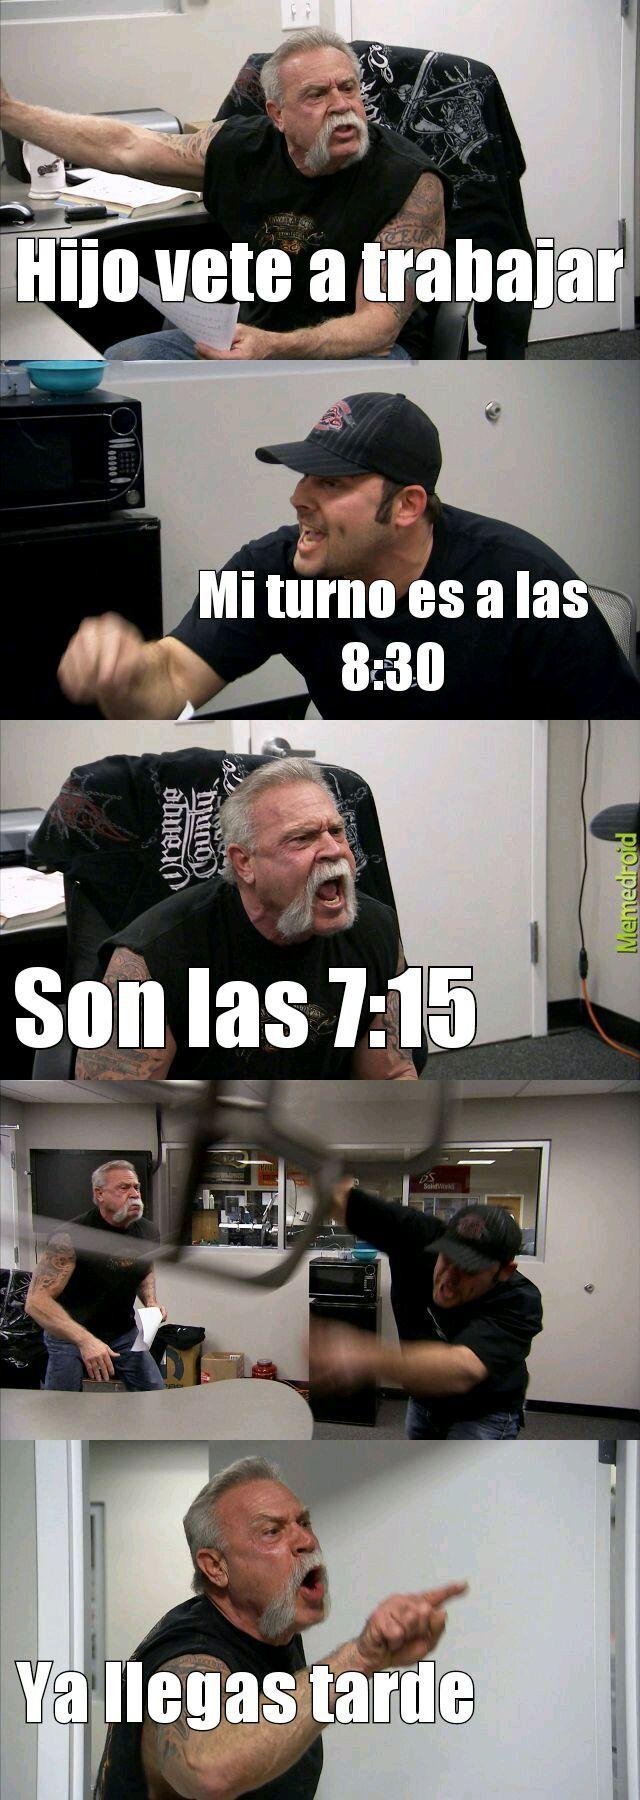 Cualquier madre de hoy y siempre - meme